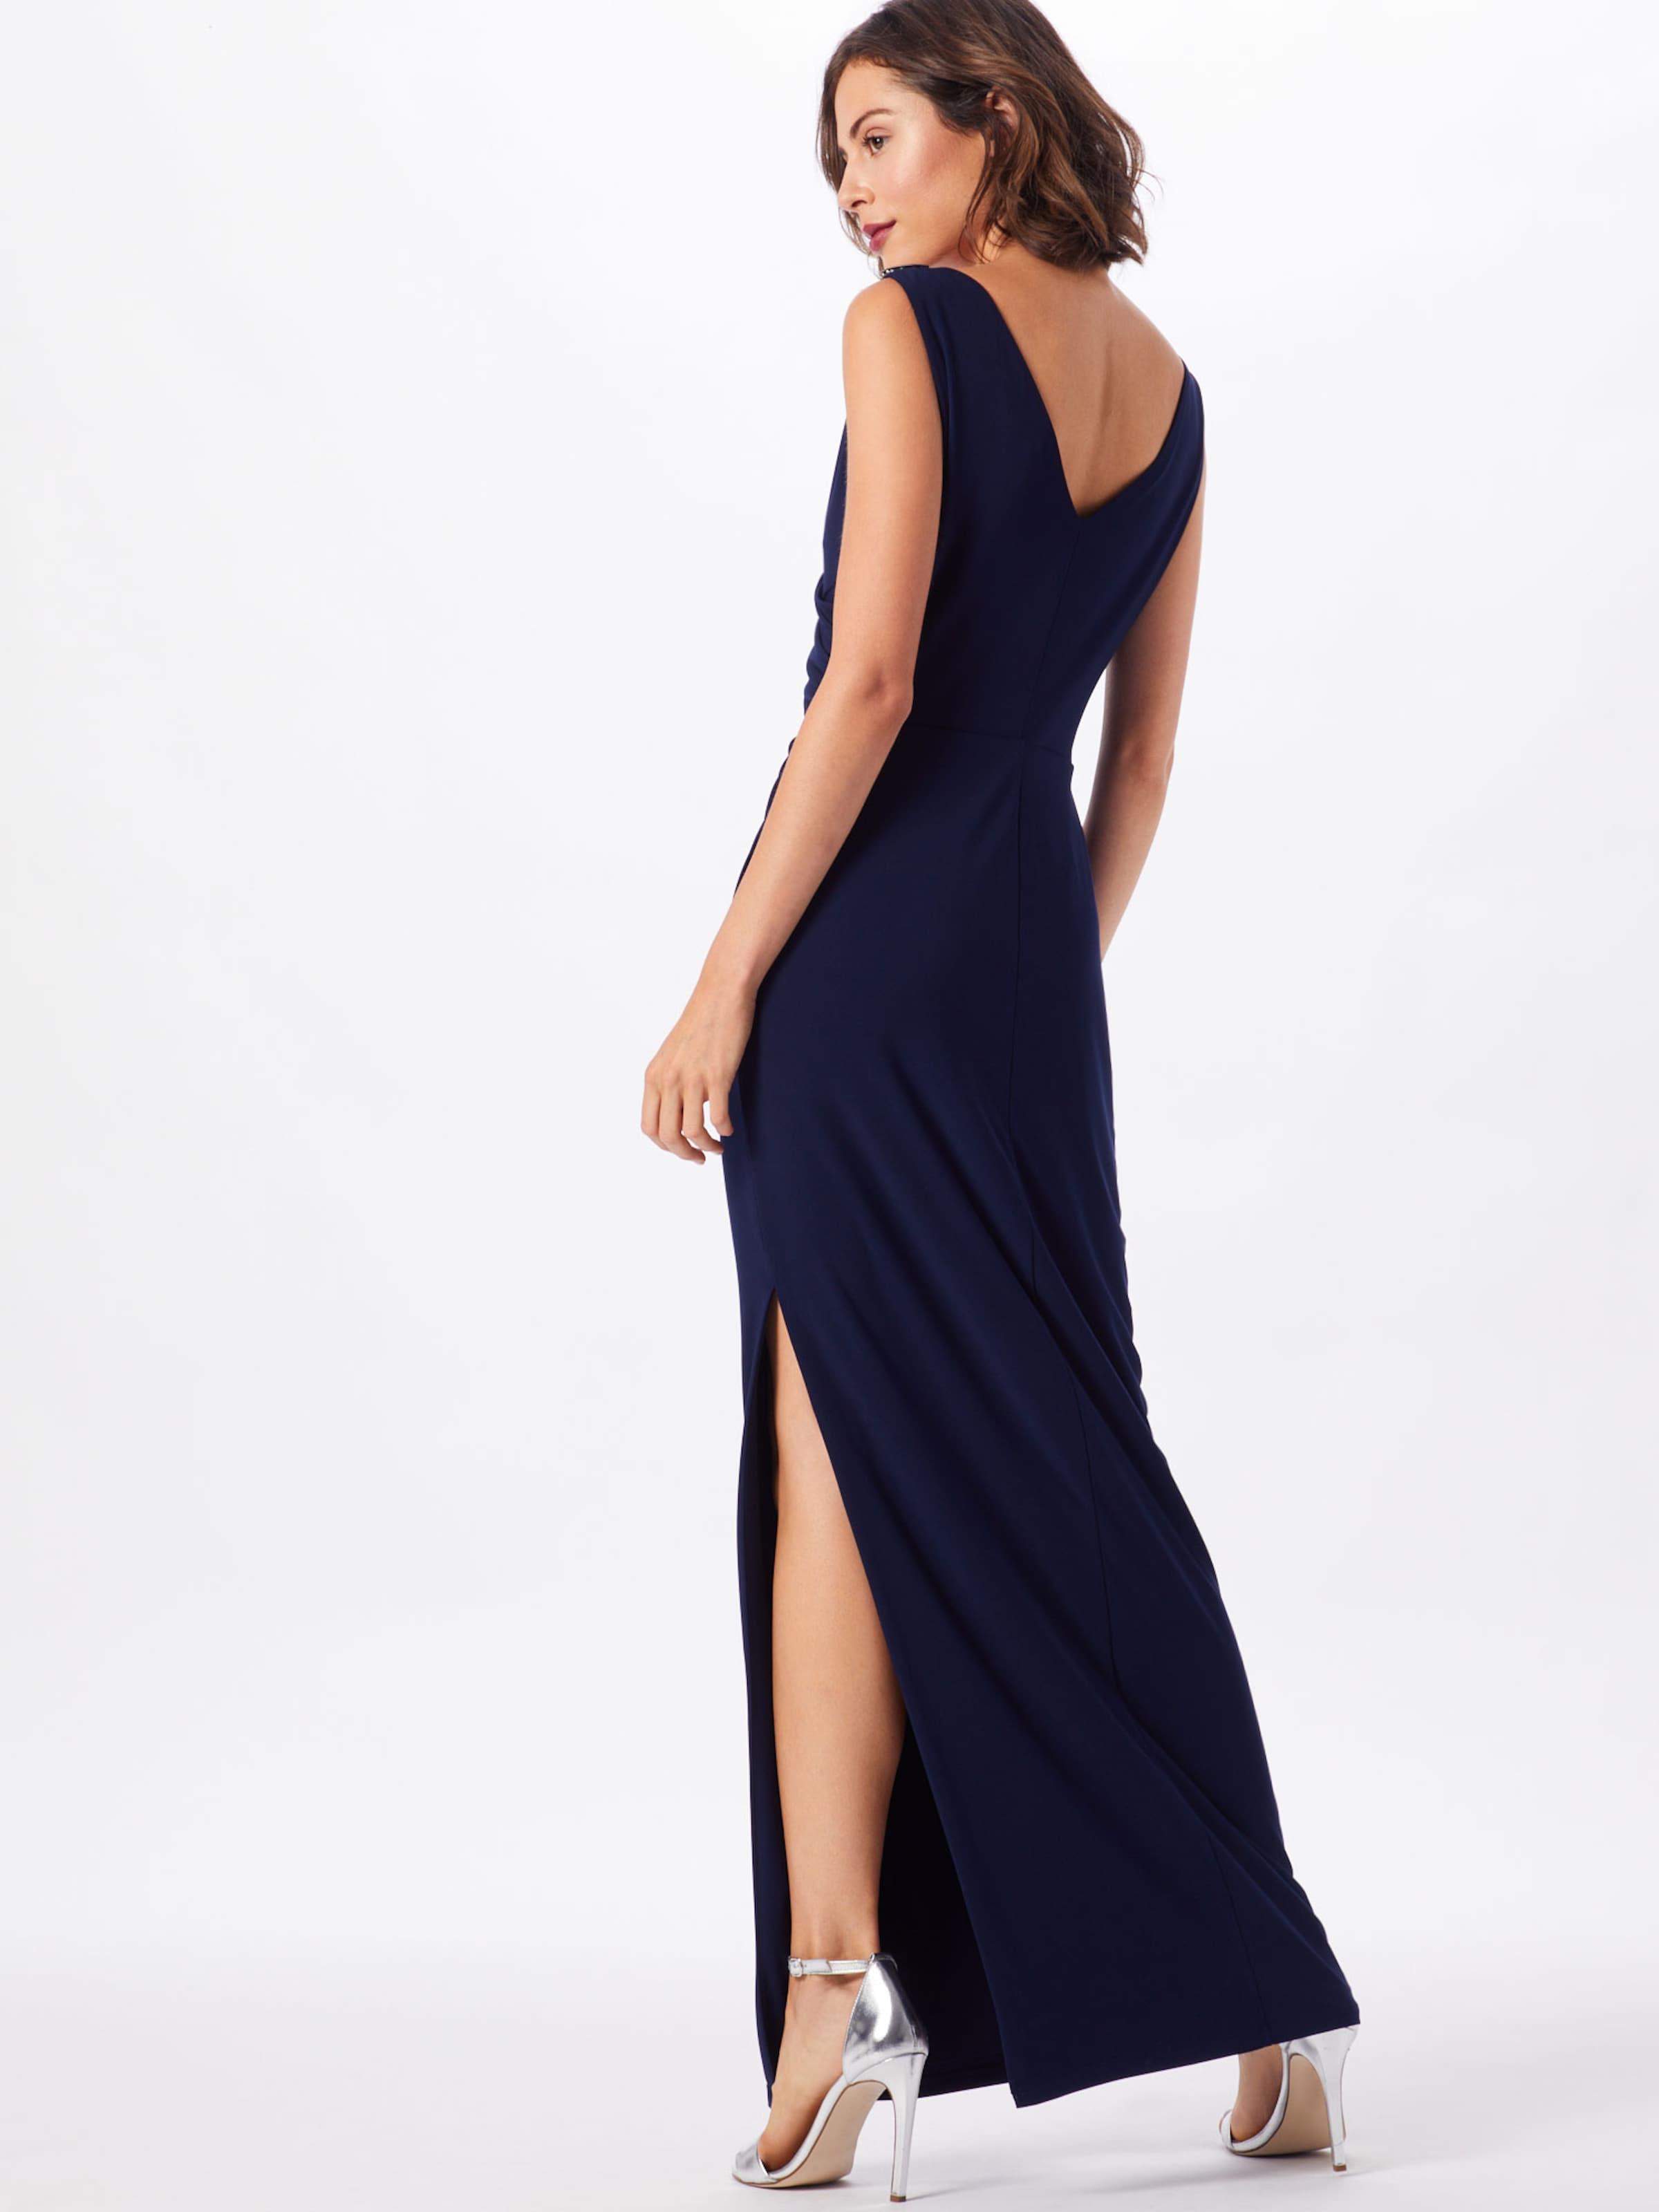 Lauren Navy 'jarlannah' Abendkleid In Ralph 2WEH9ID